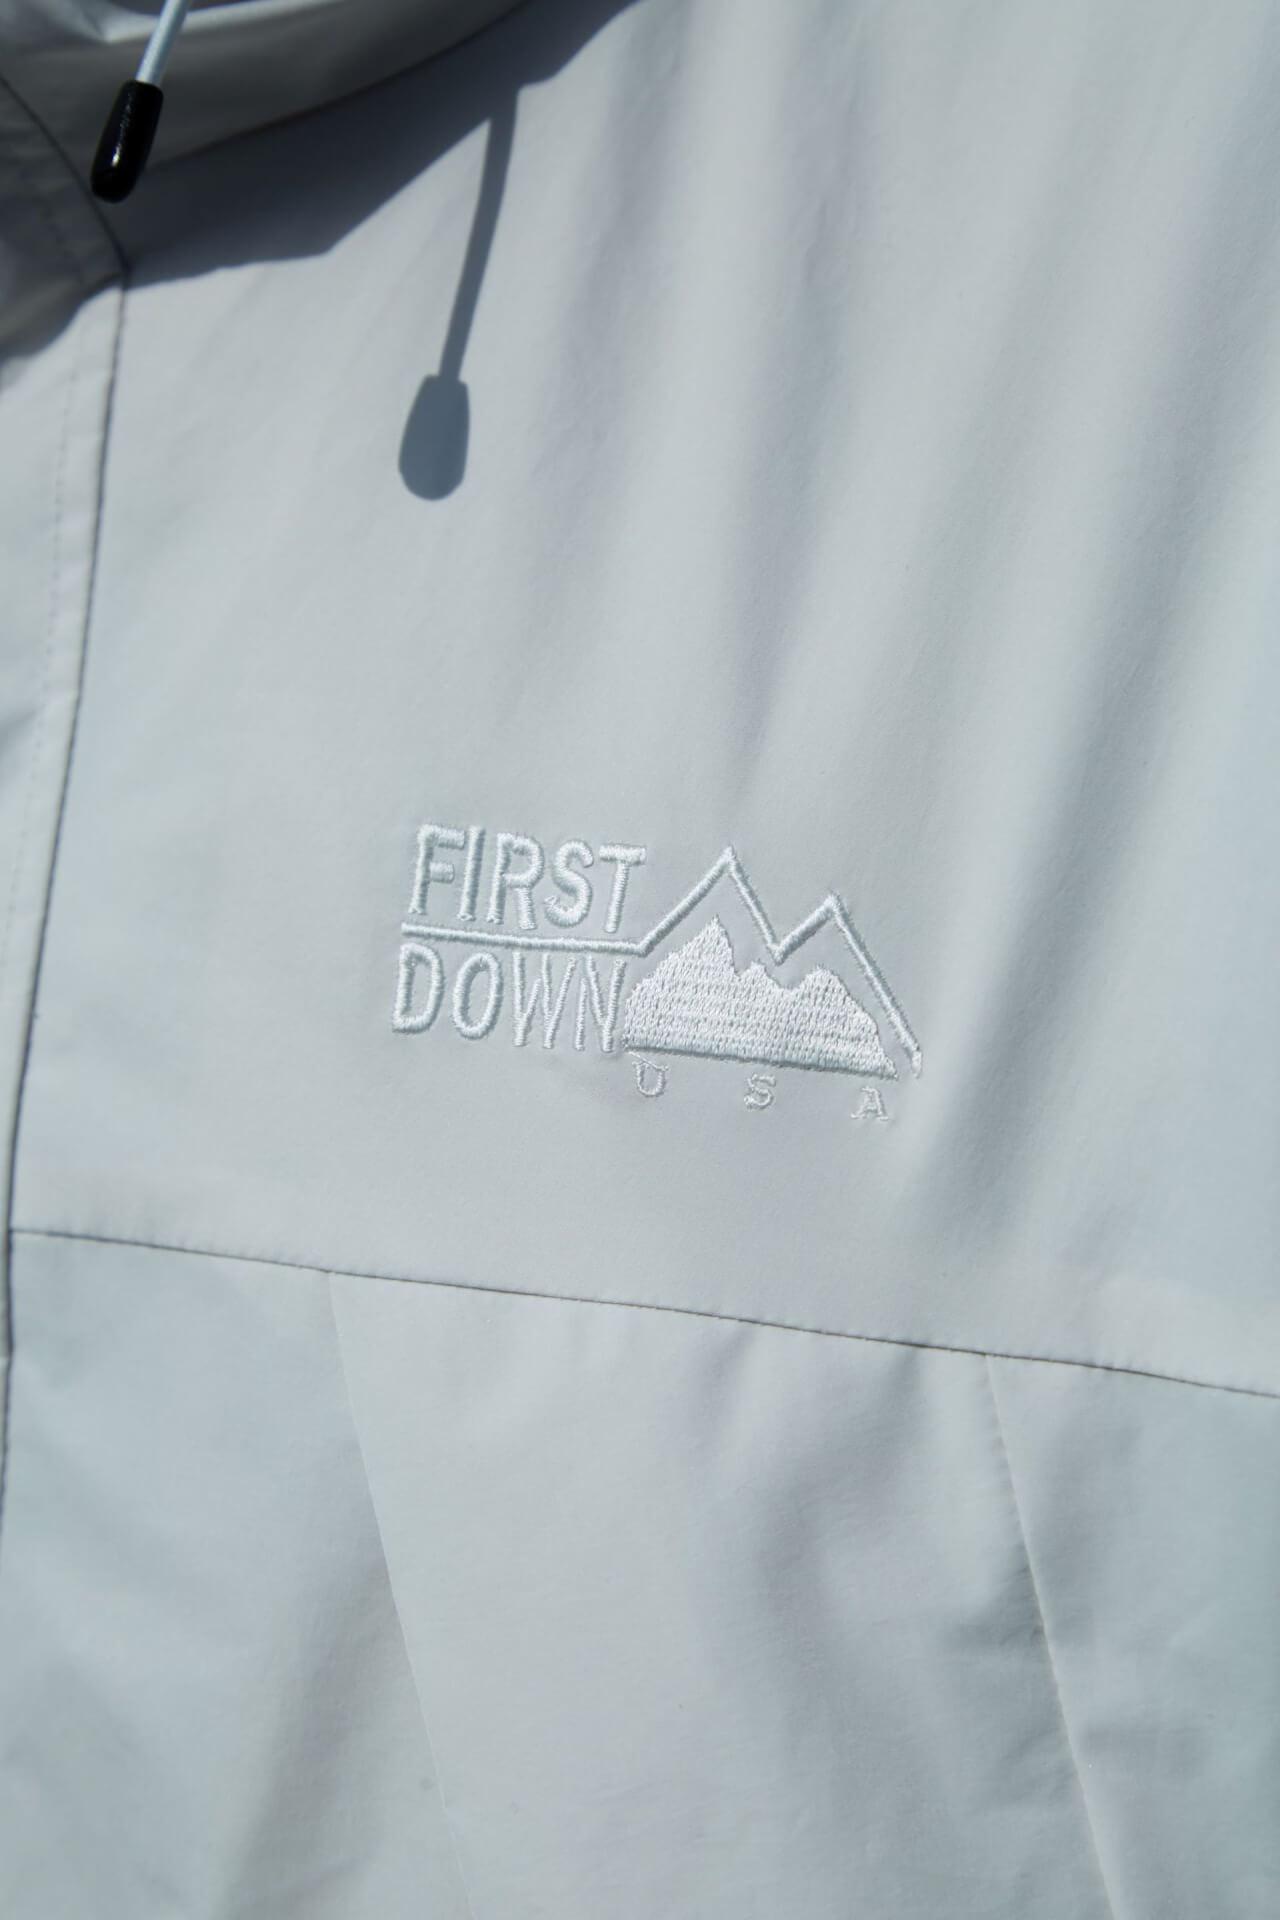 FIRST DOWNの別注アウターがセレクトショップ・styling/から発売決定!フードコート、ボアブルゾン、リバーシブルダウンの3型 fashion2020915-firstdown4